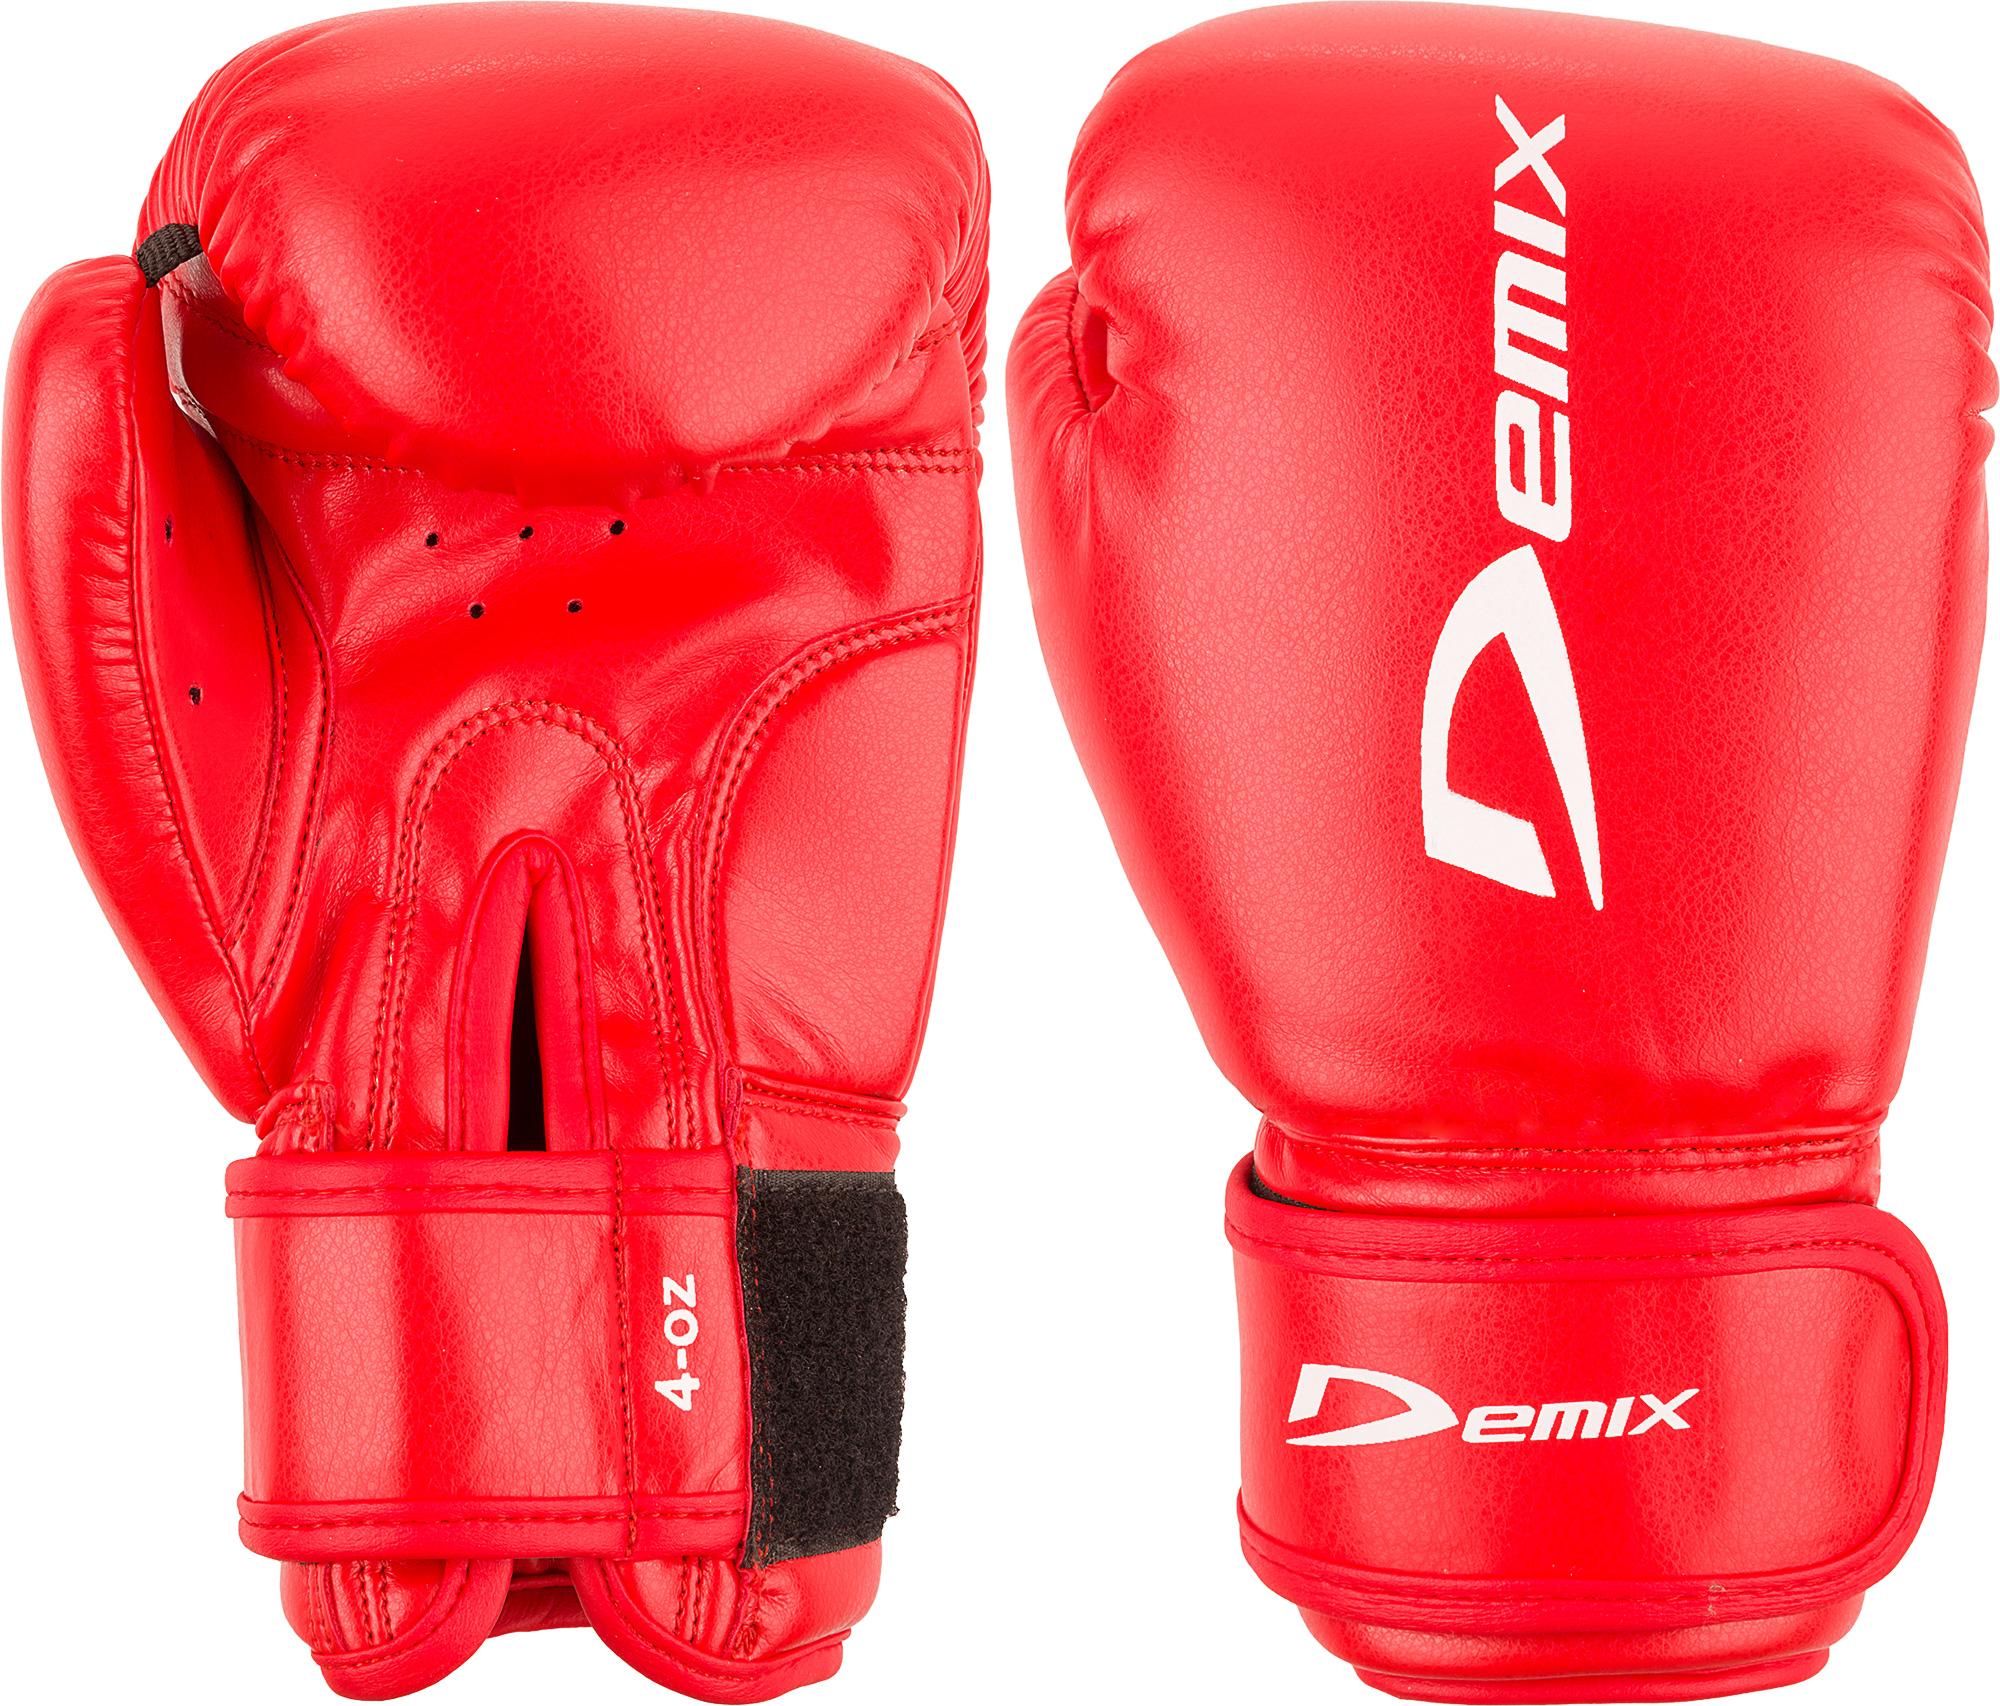 Demix Перчатки боксерские детские Demix, размер 4 oz цена